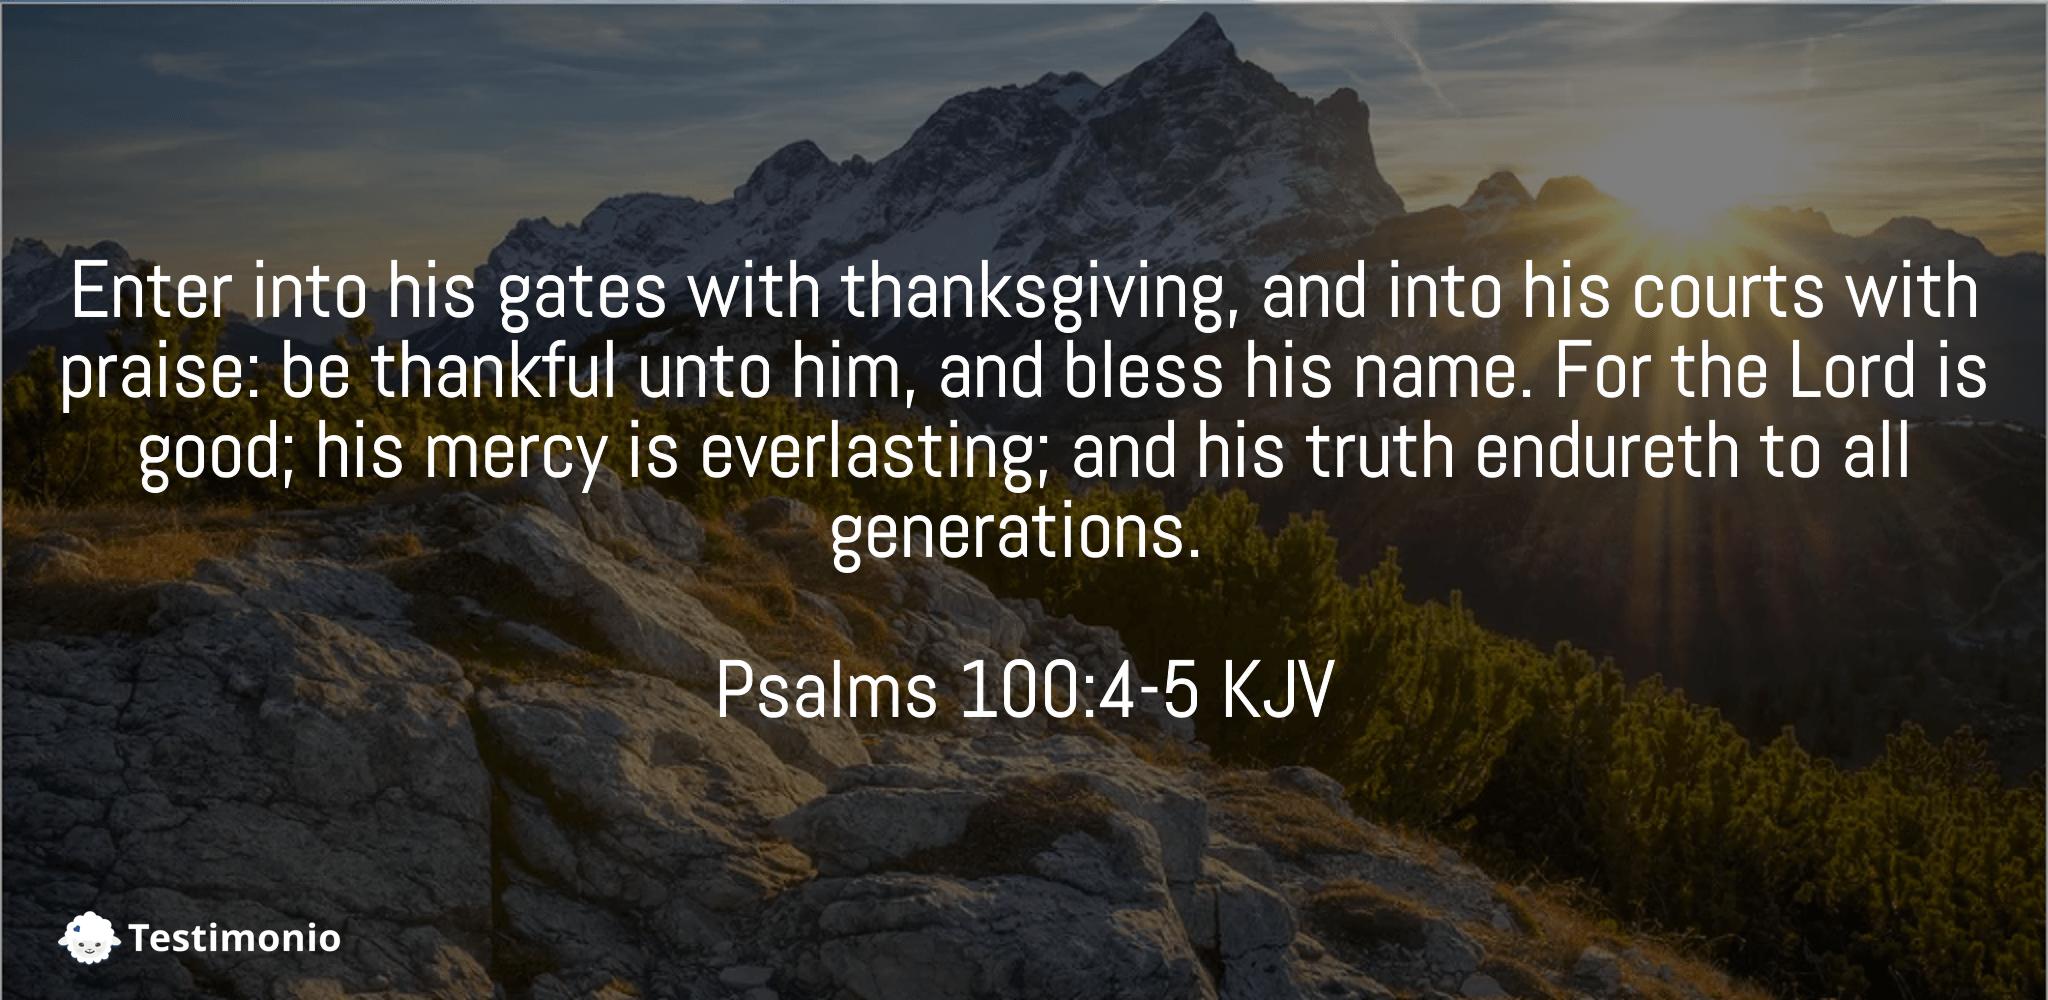 Psalms 100:4-5